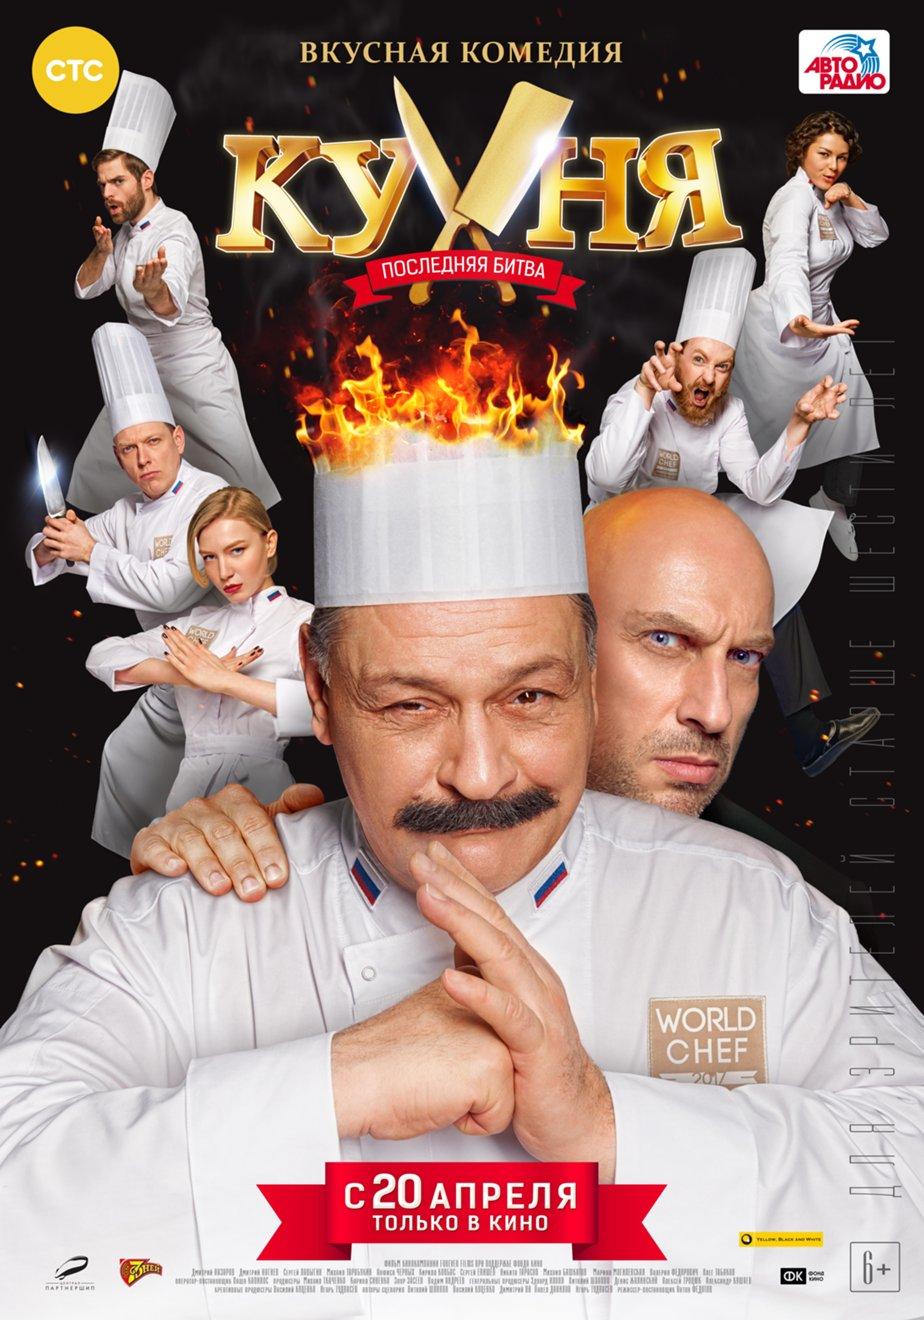 Кадры из фильма кухня телесериал смотреть онлайн в хорошем качестве